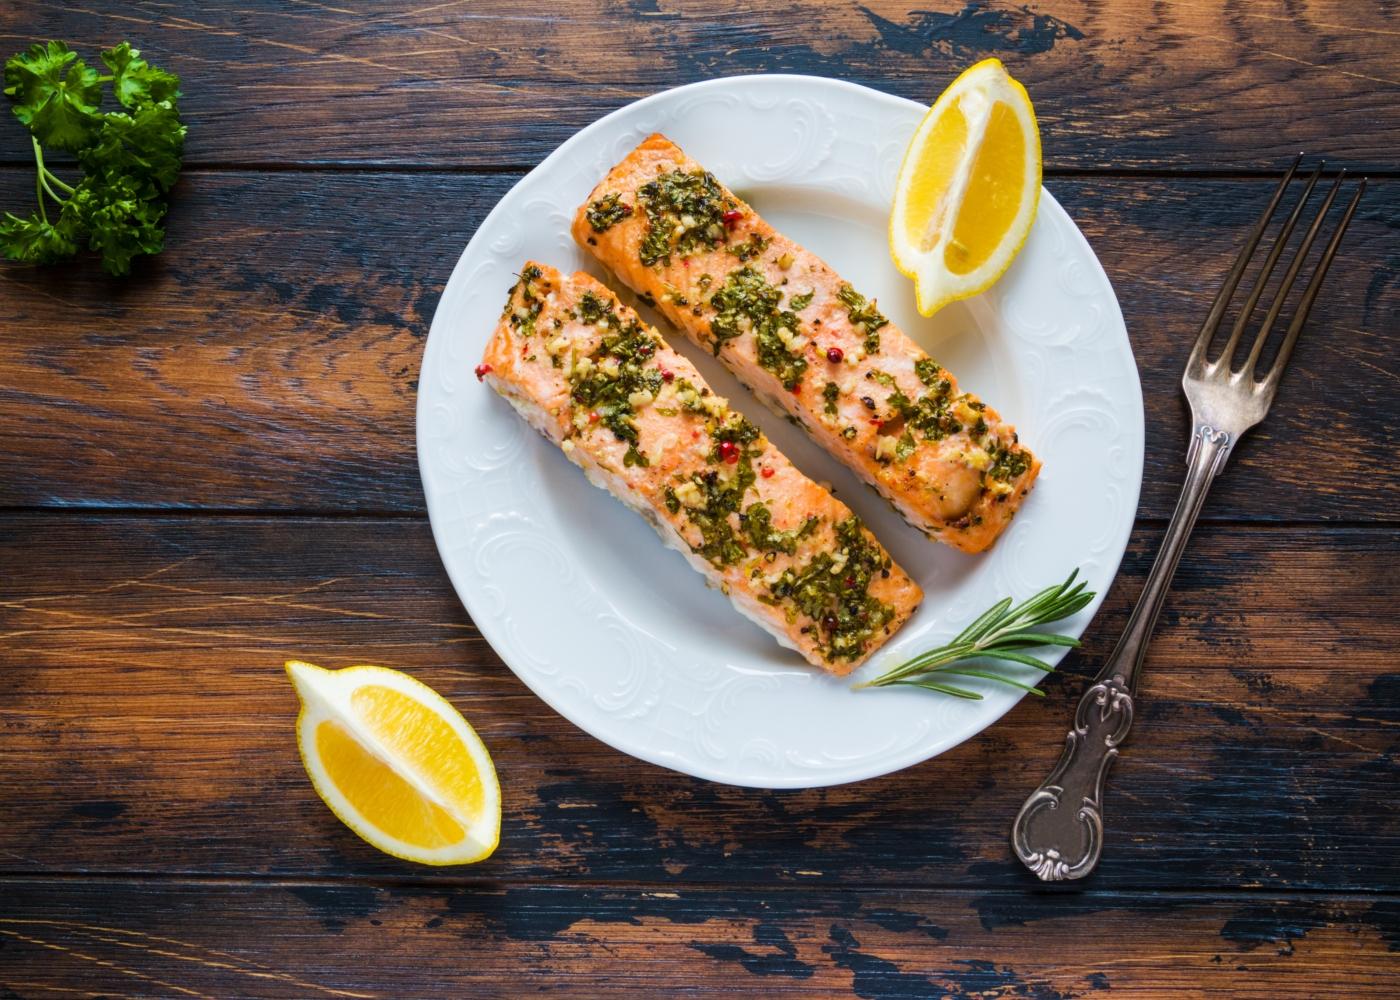 prato com salmão ao alho